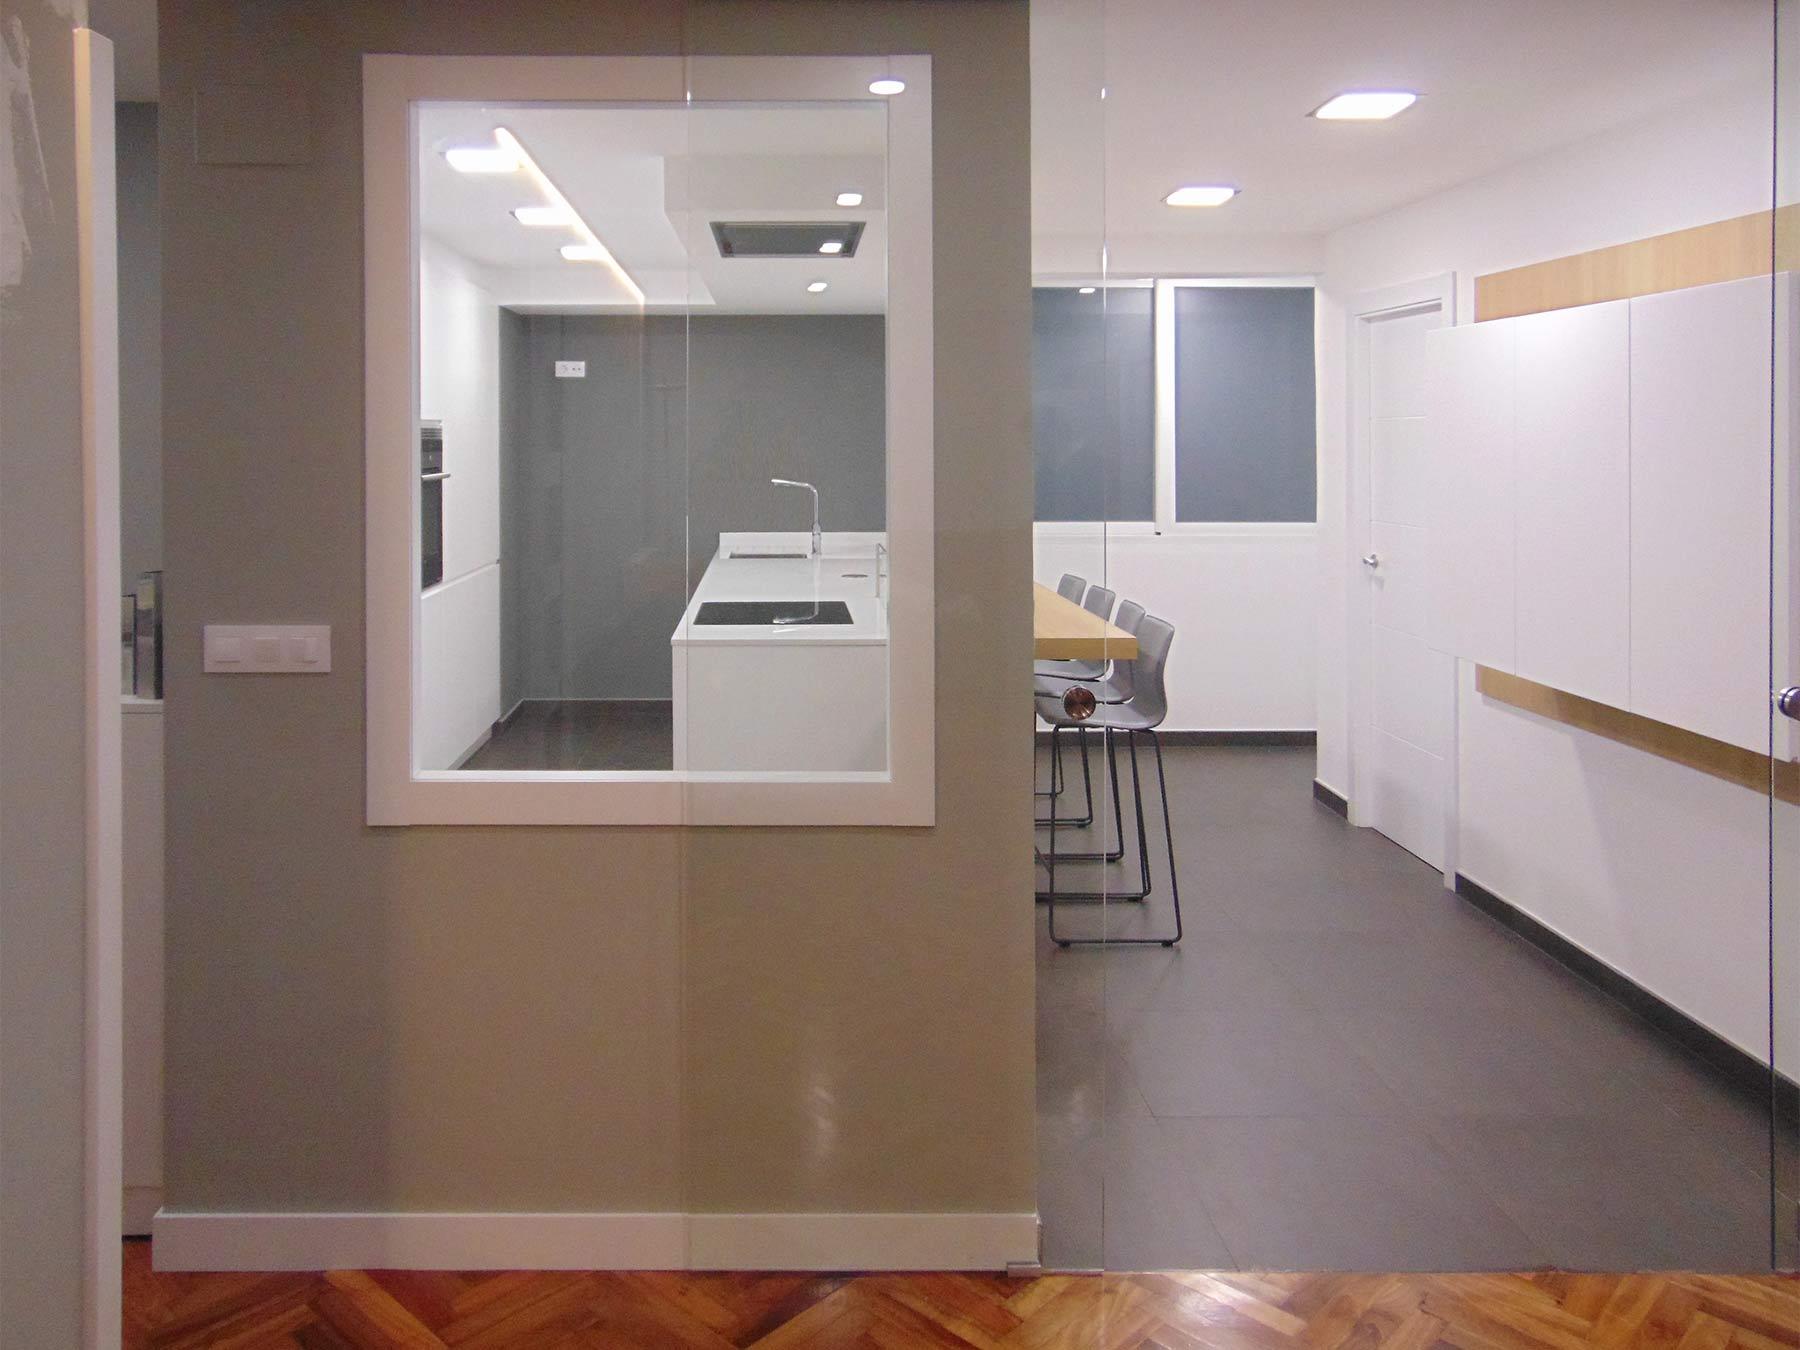 Vista de cocina en color blanco brillo, abierta al salón.